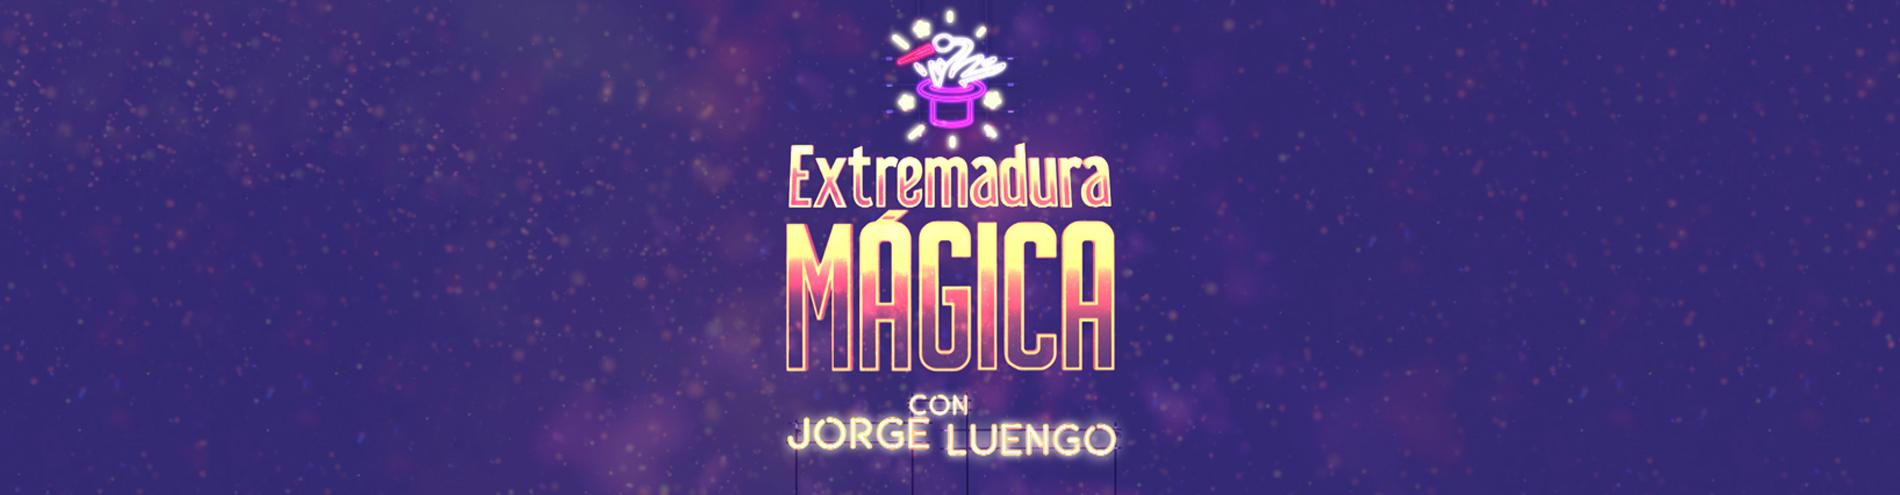 Extremadura mágica Gestorex Canal Extremadura